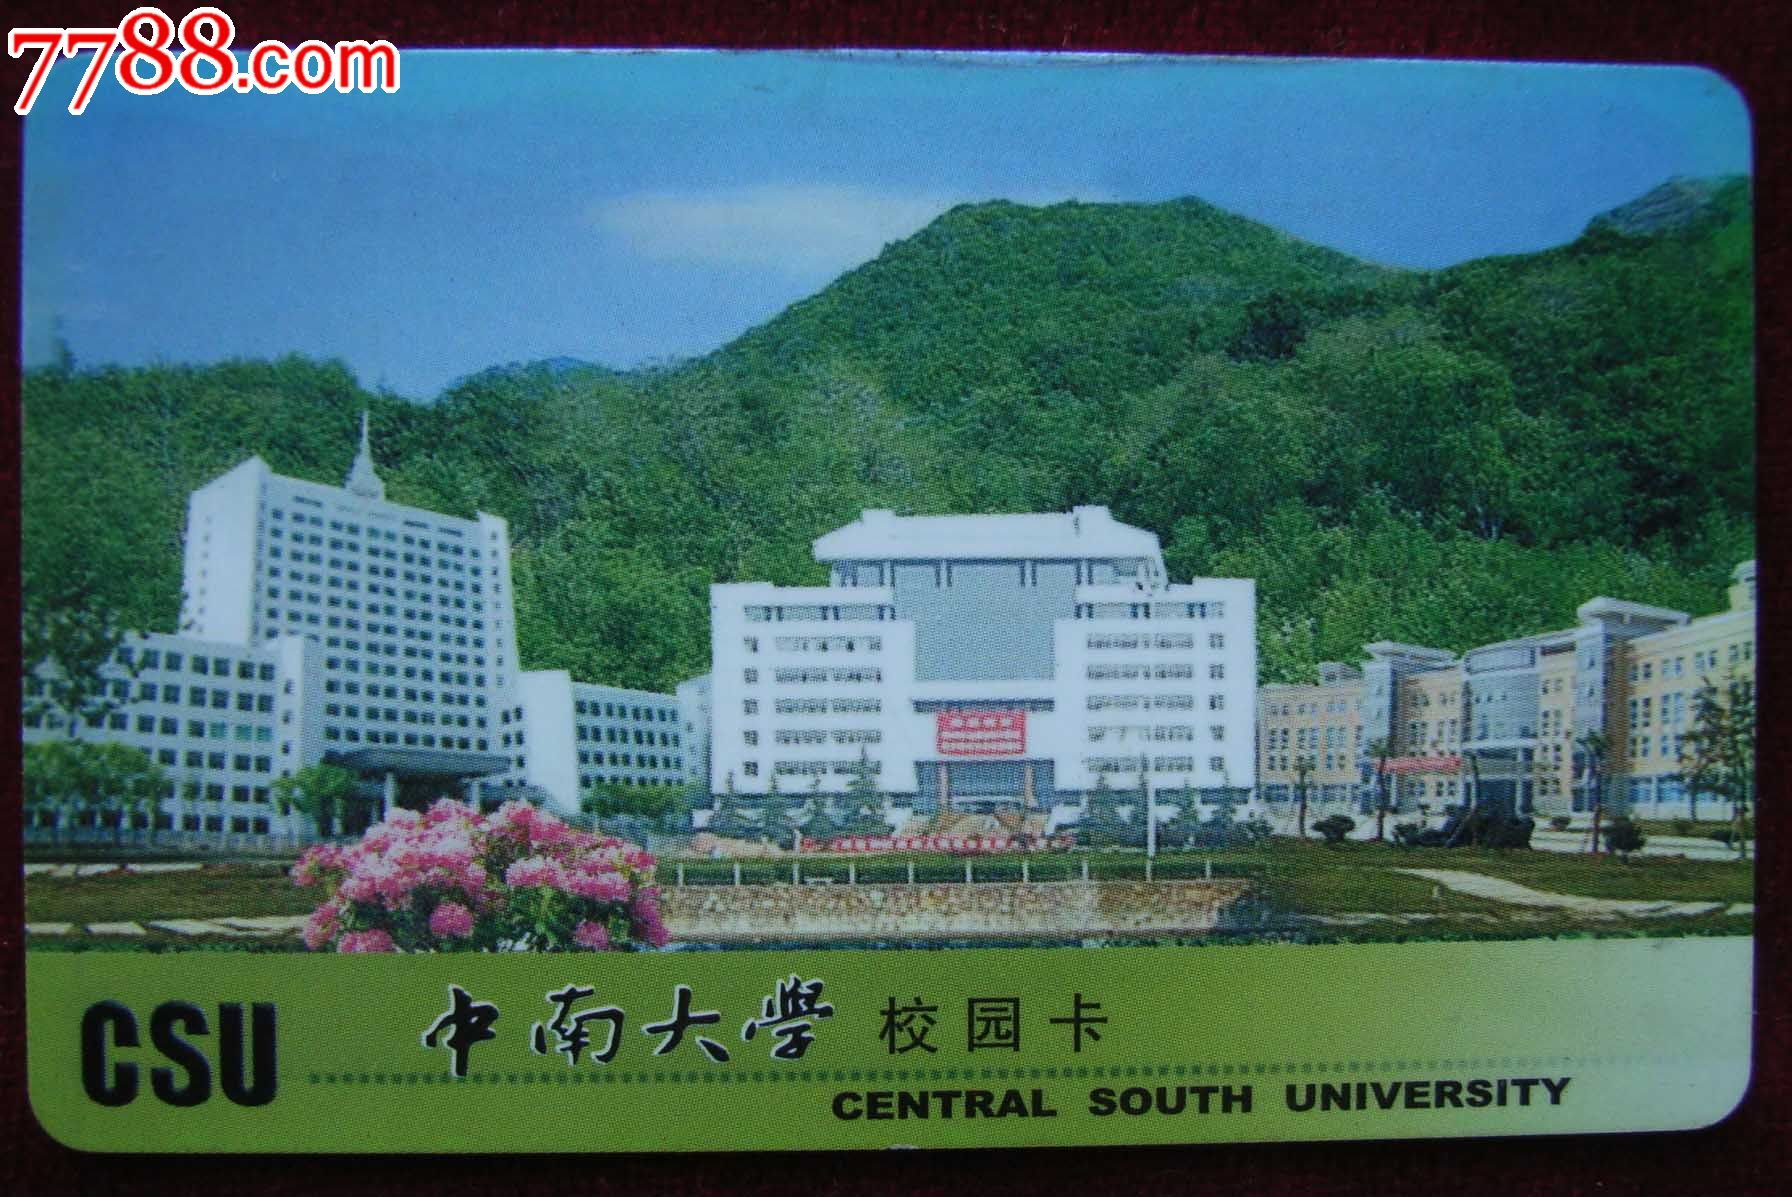 中南大学校园卡